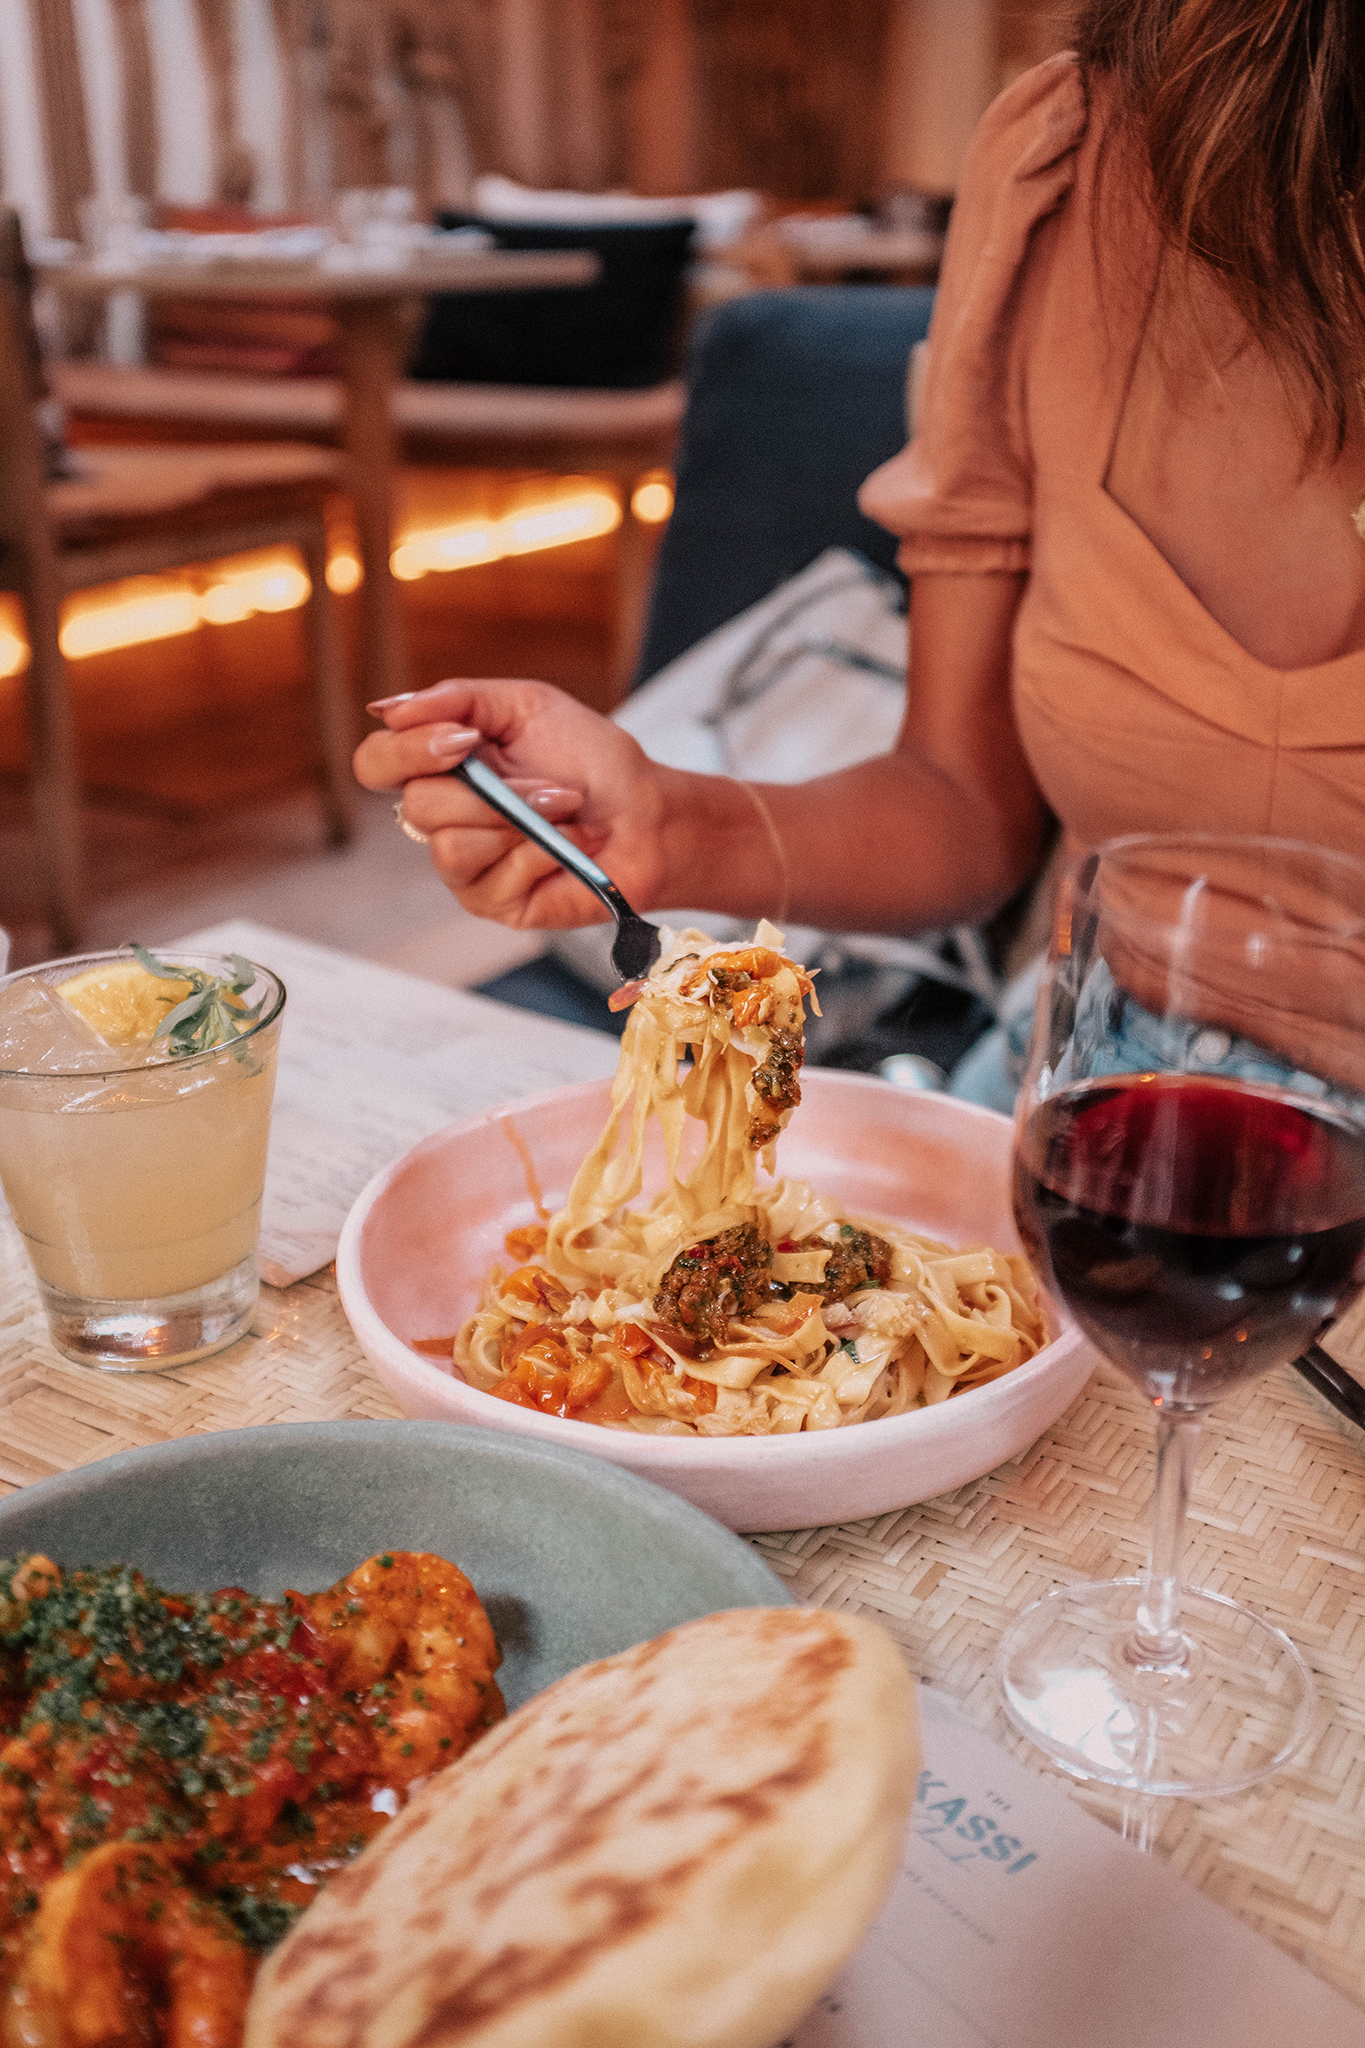 The Best New Restaurants In La Love Loathing Los Angeles